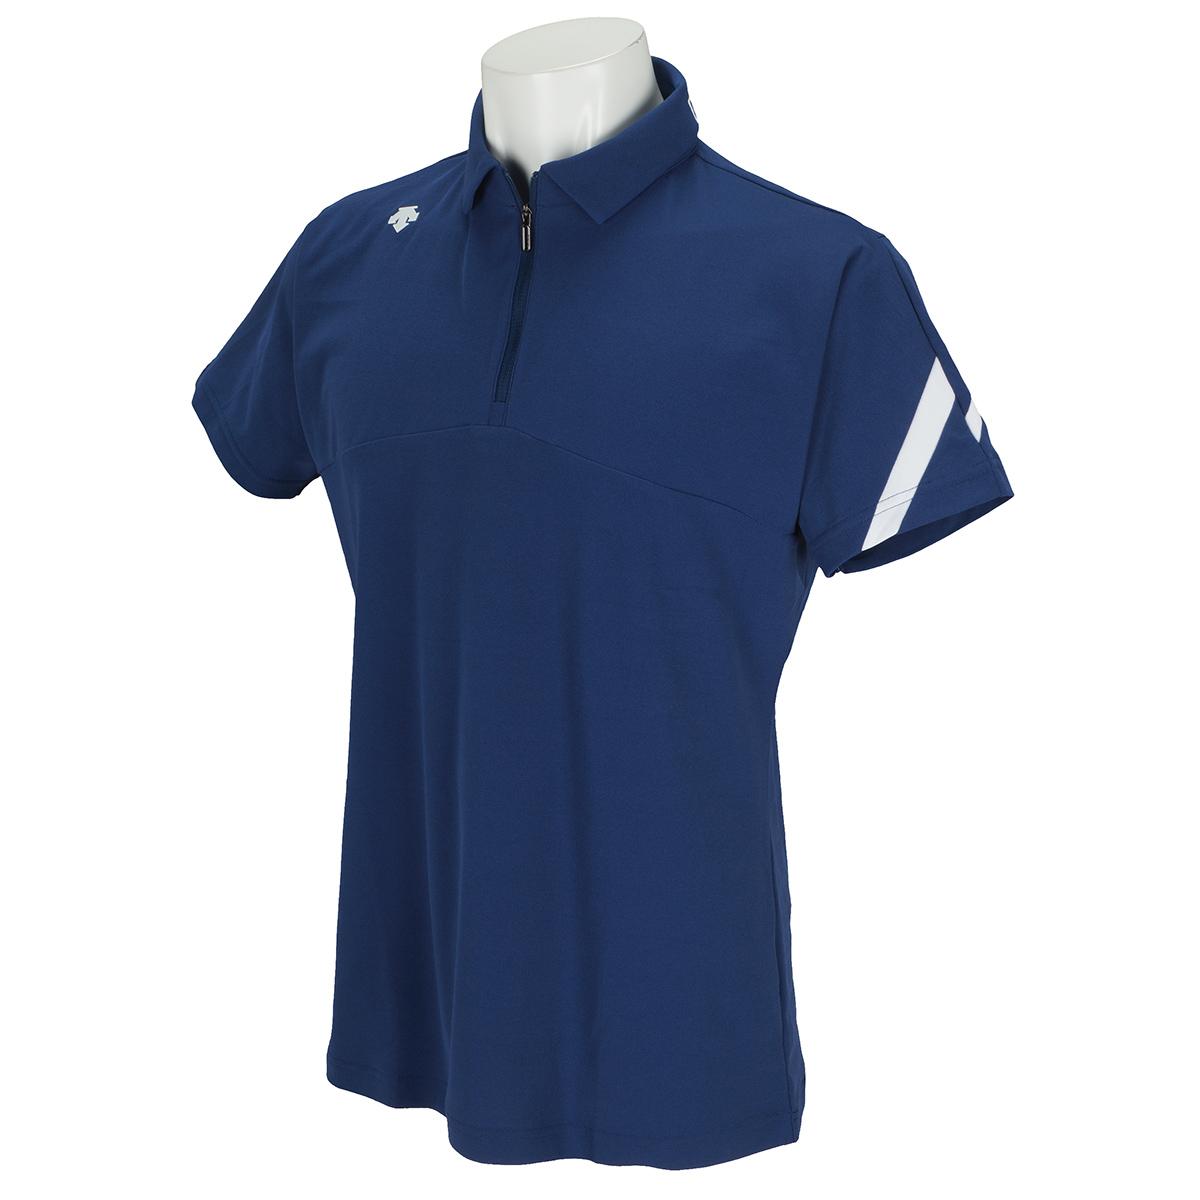 ストレッチ ソロテックス鹿の子ライジング切り替え 半袖ポロシャツ